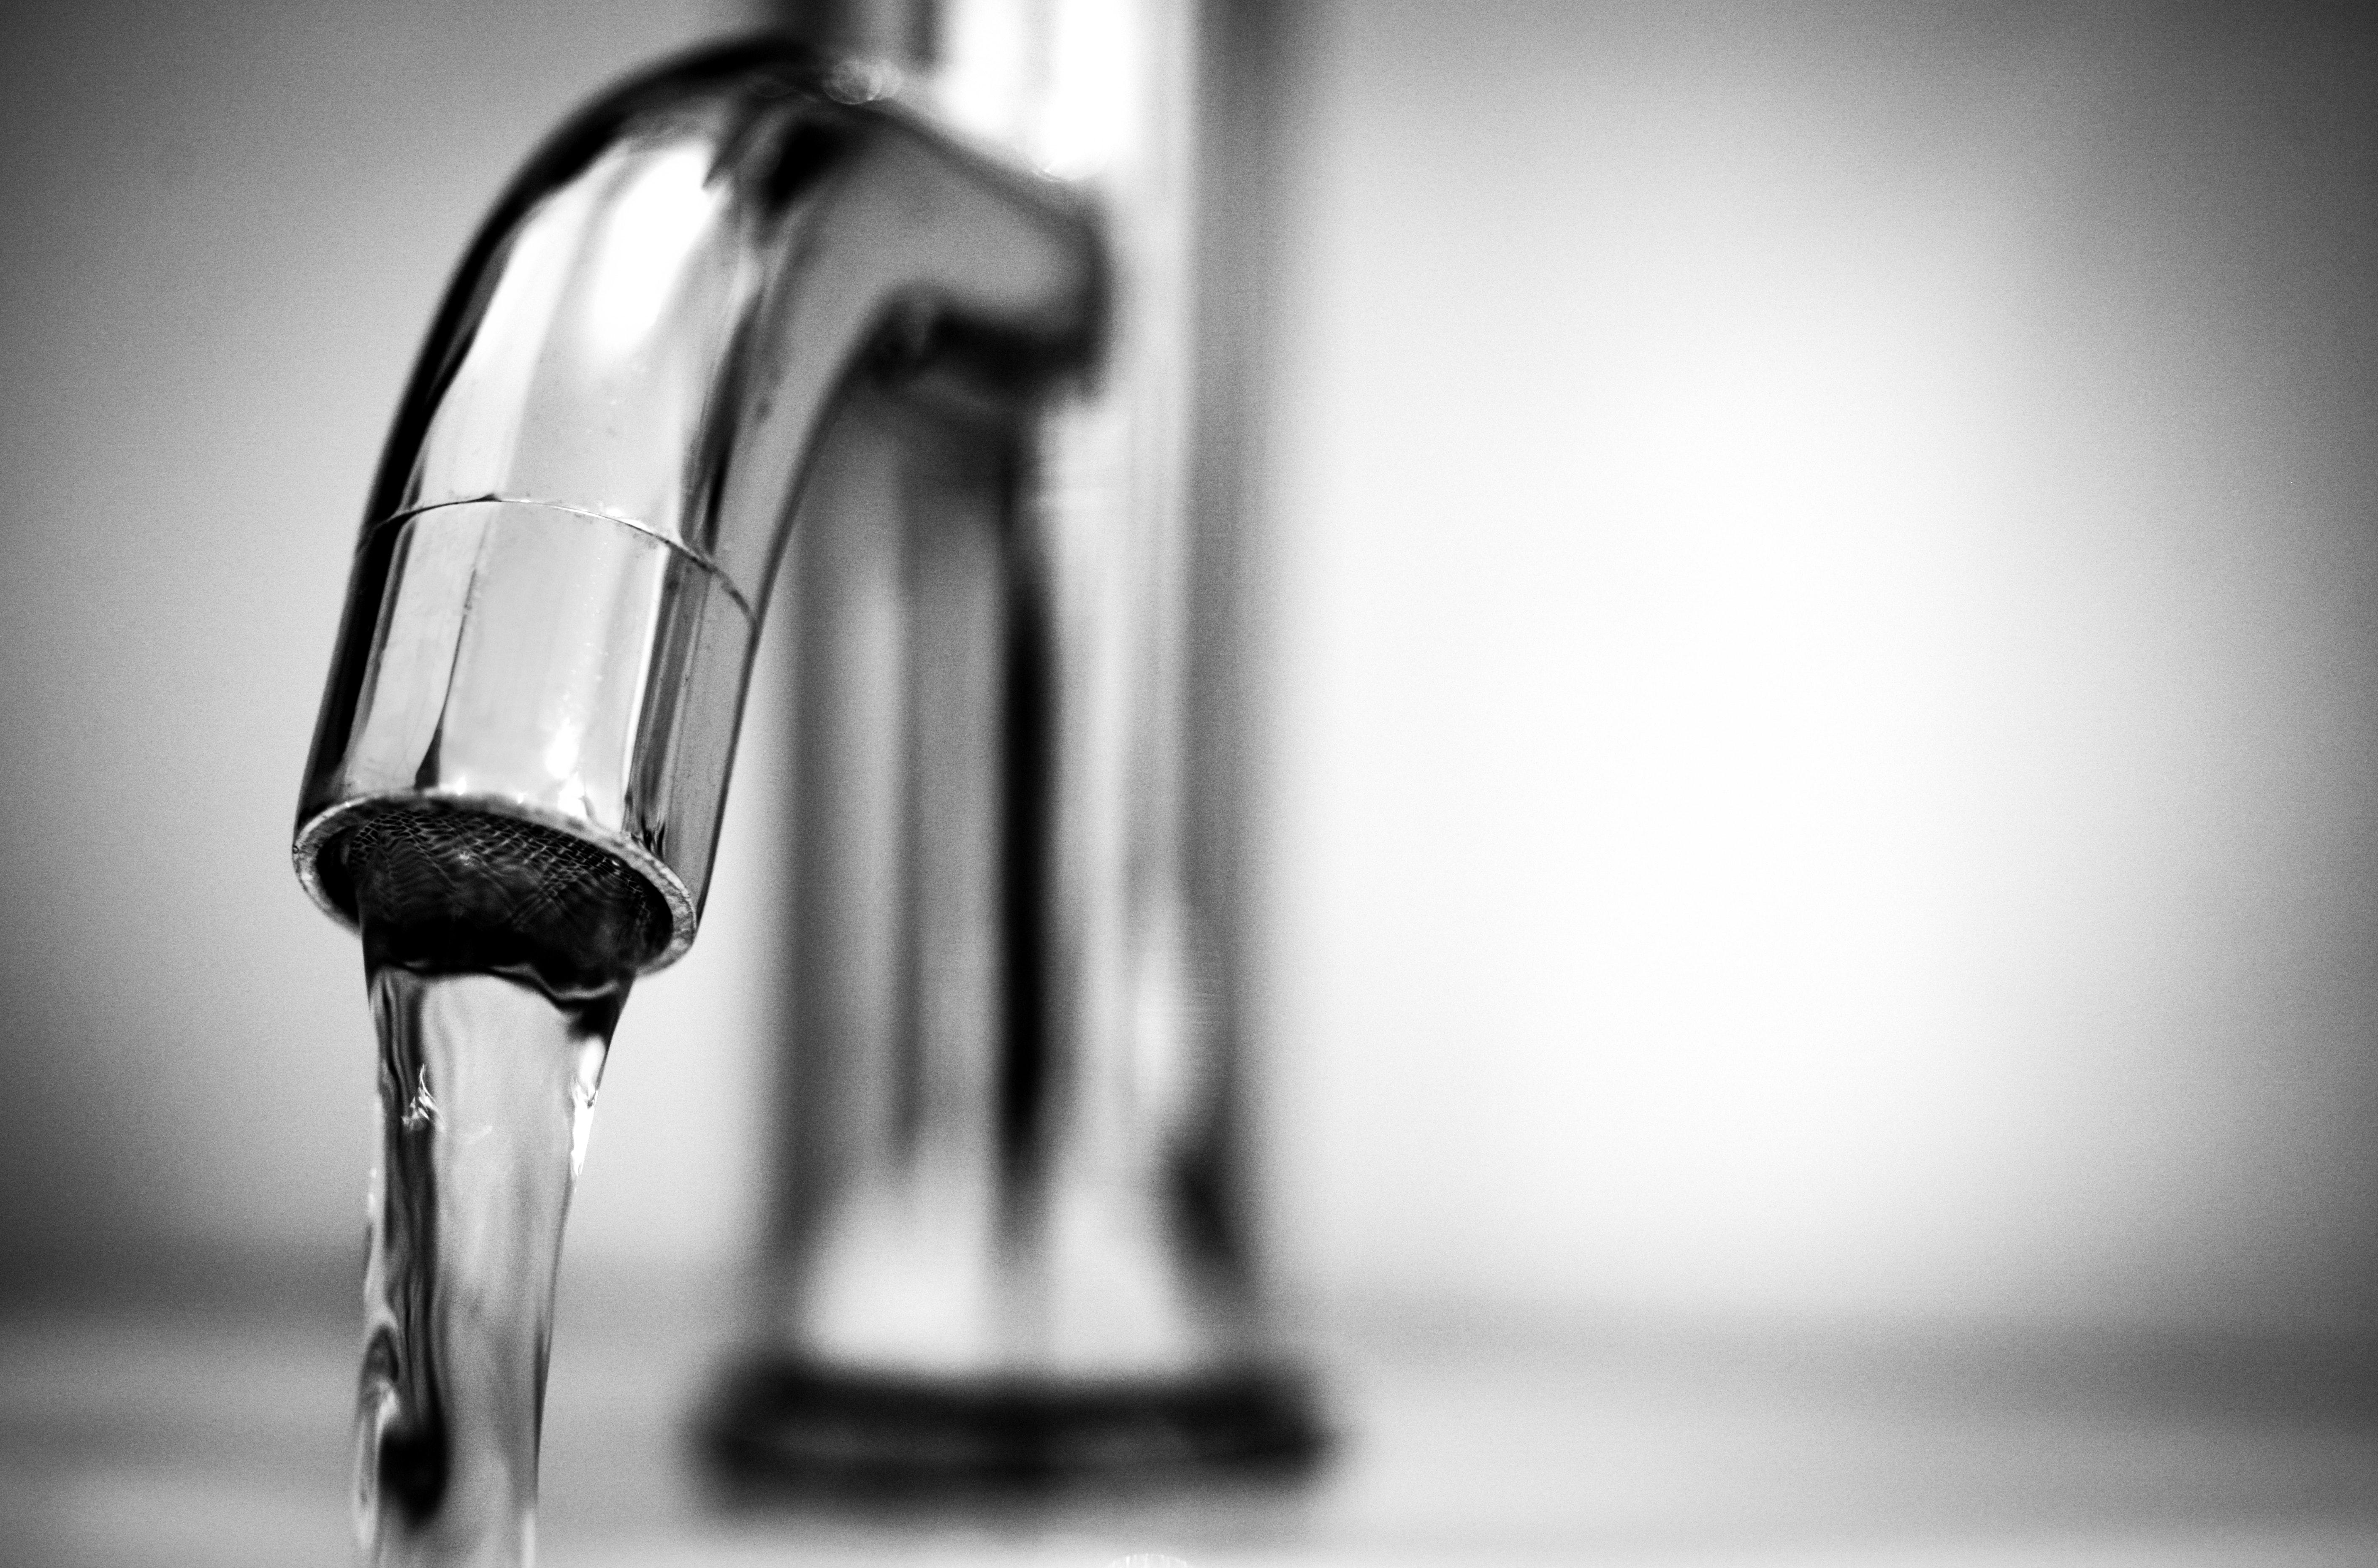 Filtratie van water uit kraan